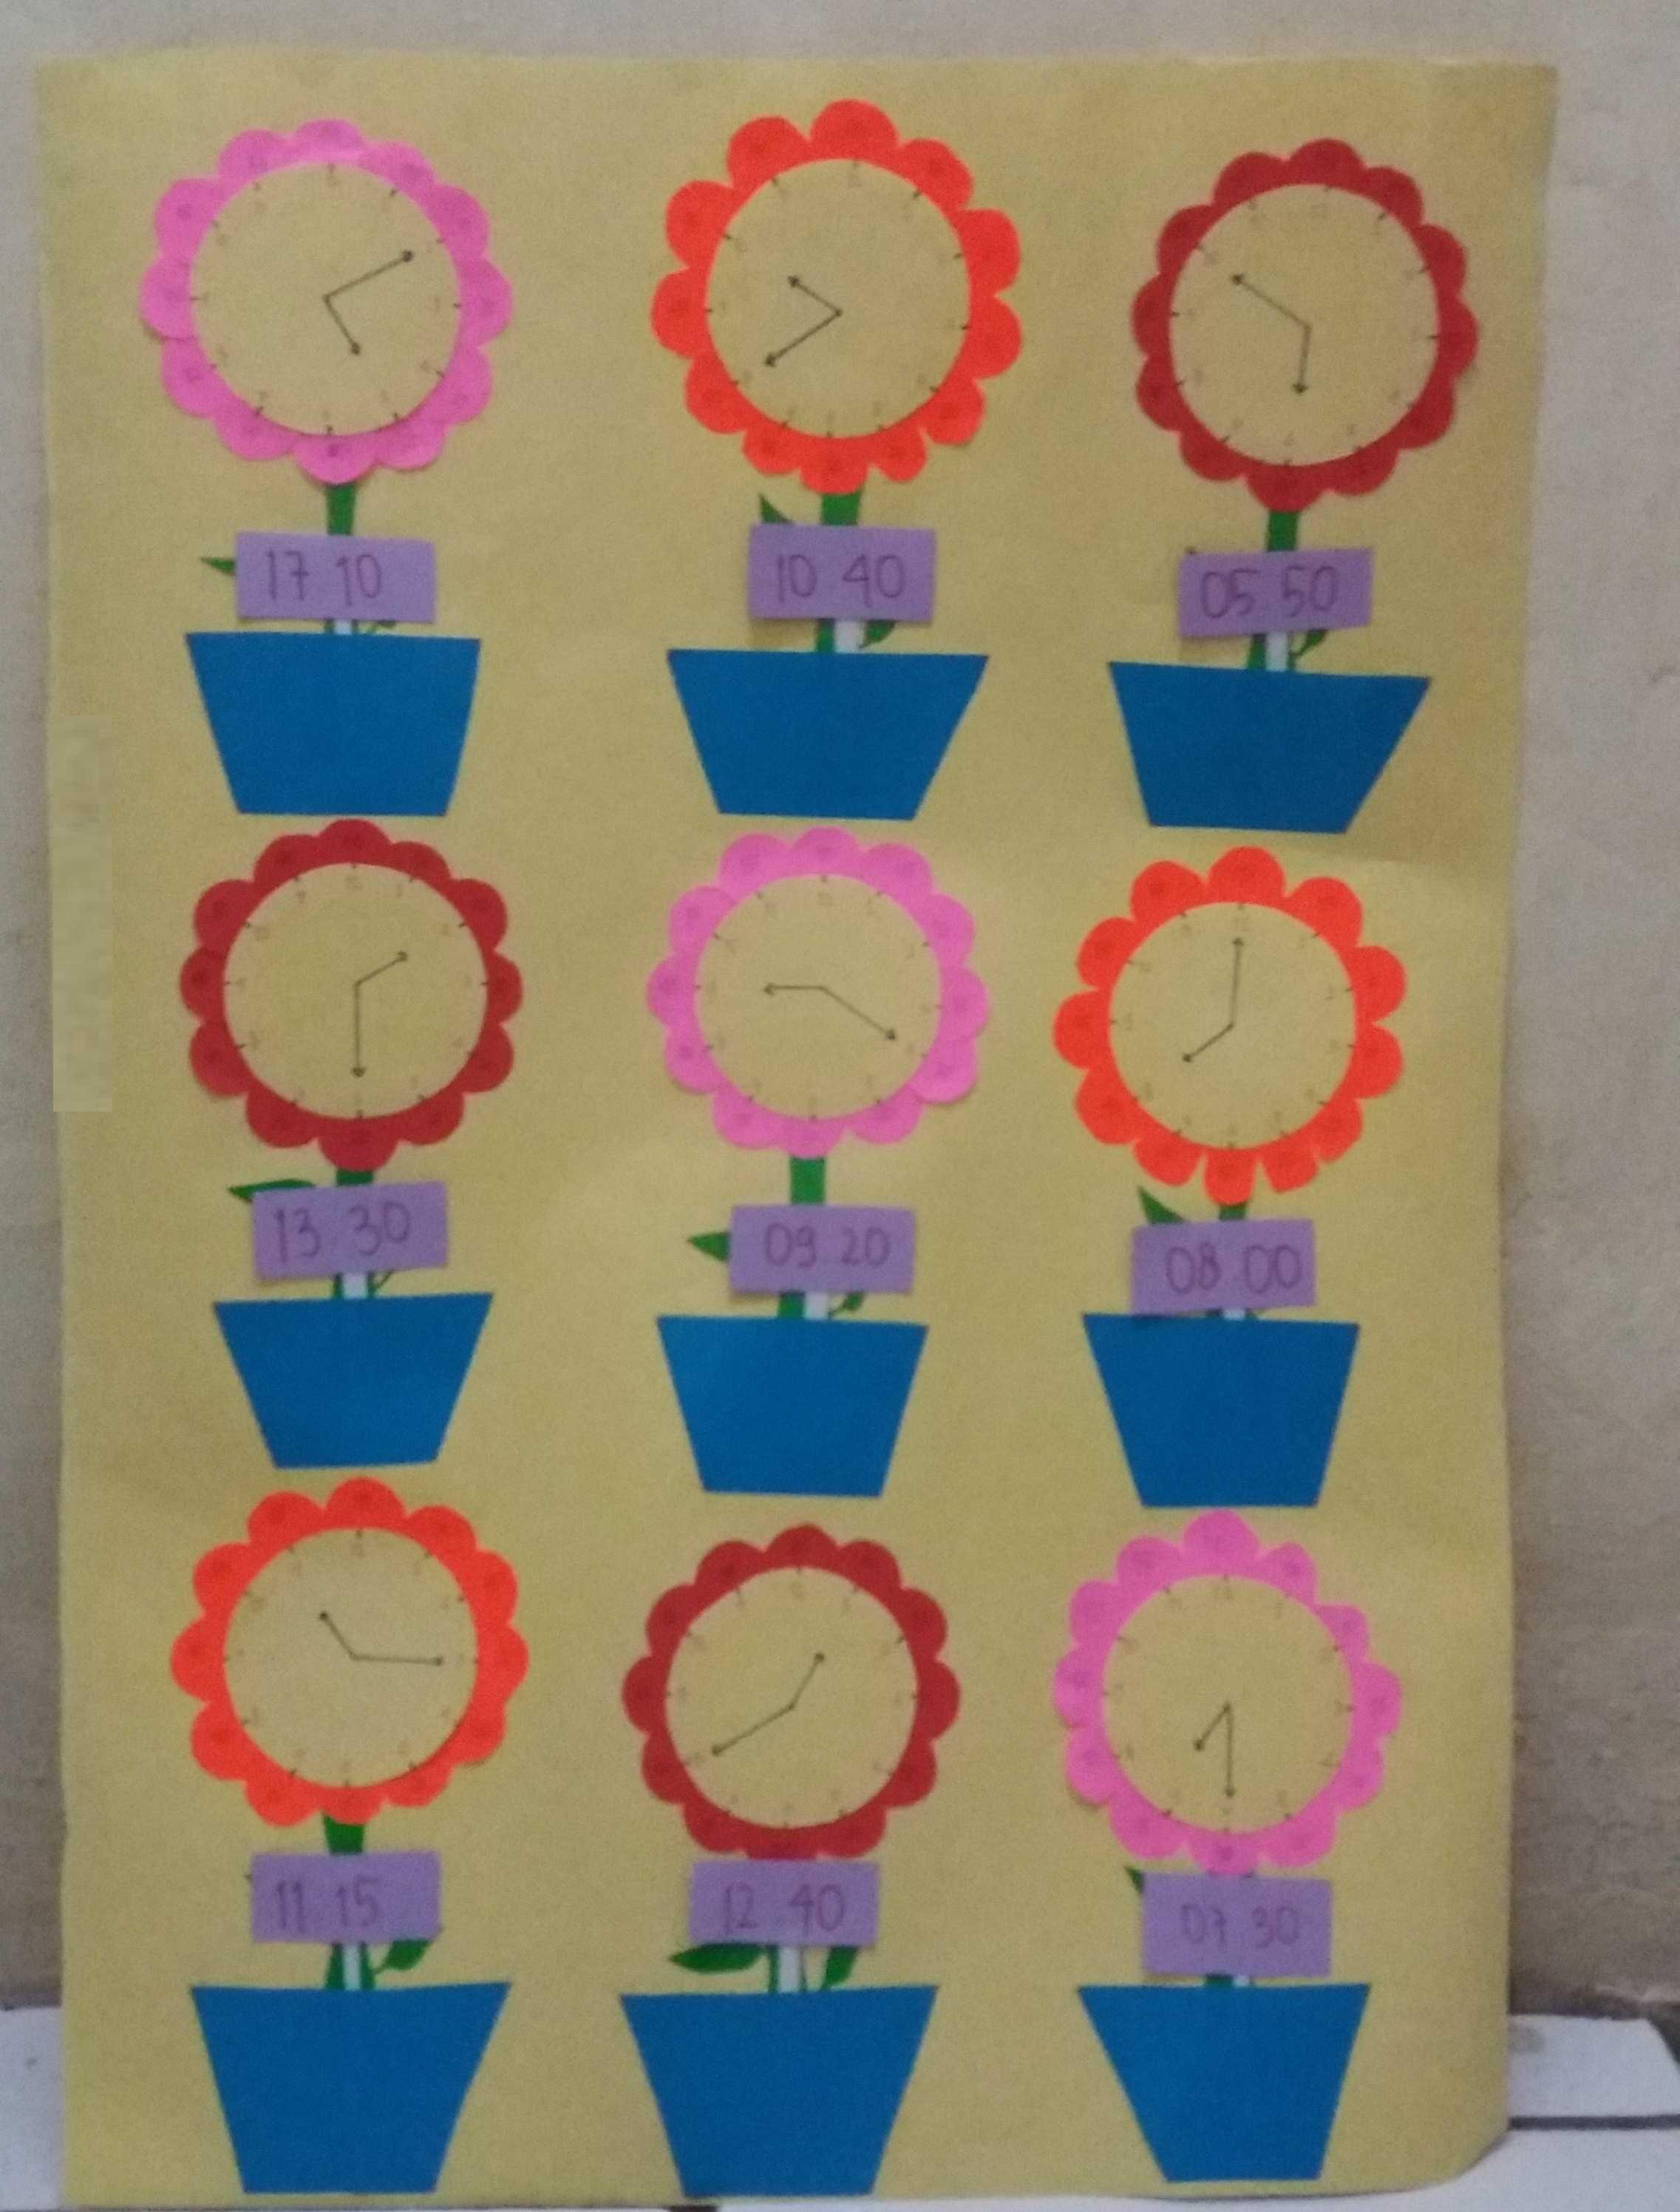 Belajar sambil Bermain dengan Bunga Pengukur Waktu oleh Tri Kurniasih Kompasiana